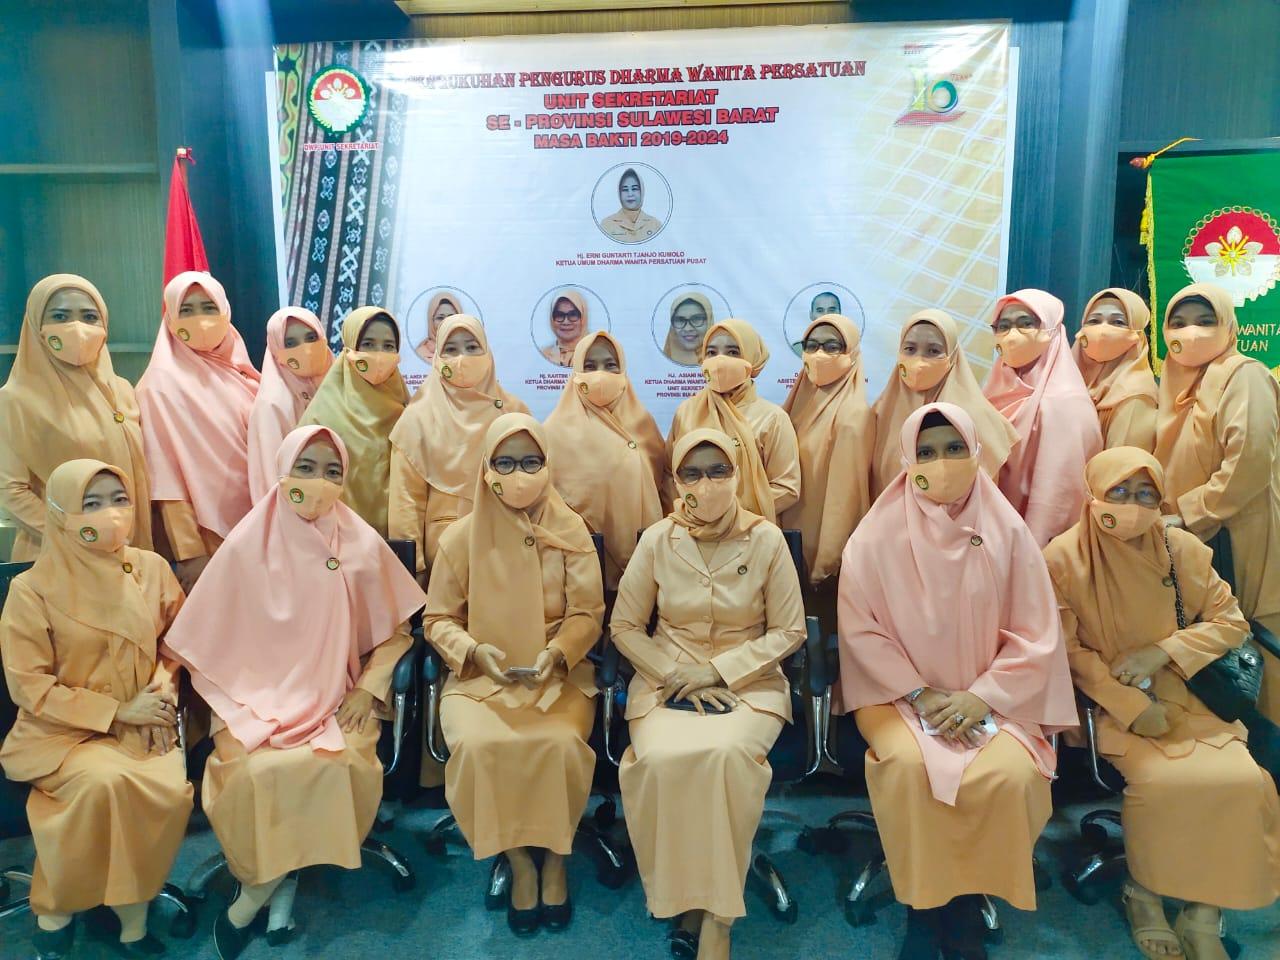 Gambar Pengurus Darma Wanita Persatuan Unit Sekretariat Se Sulbar Dikukuhkan